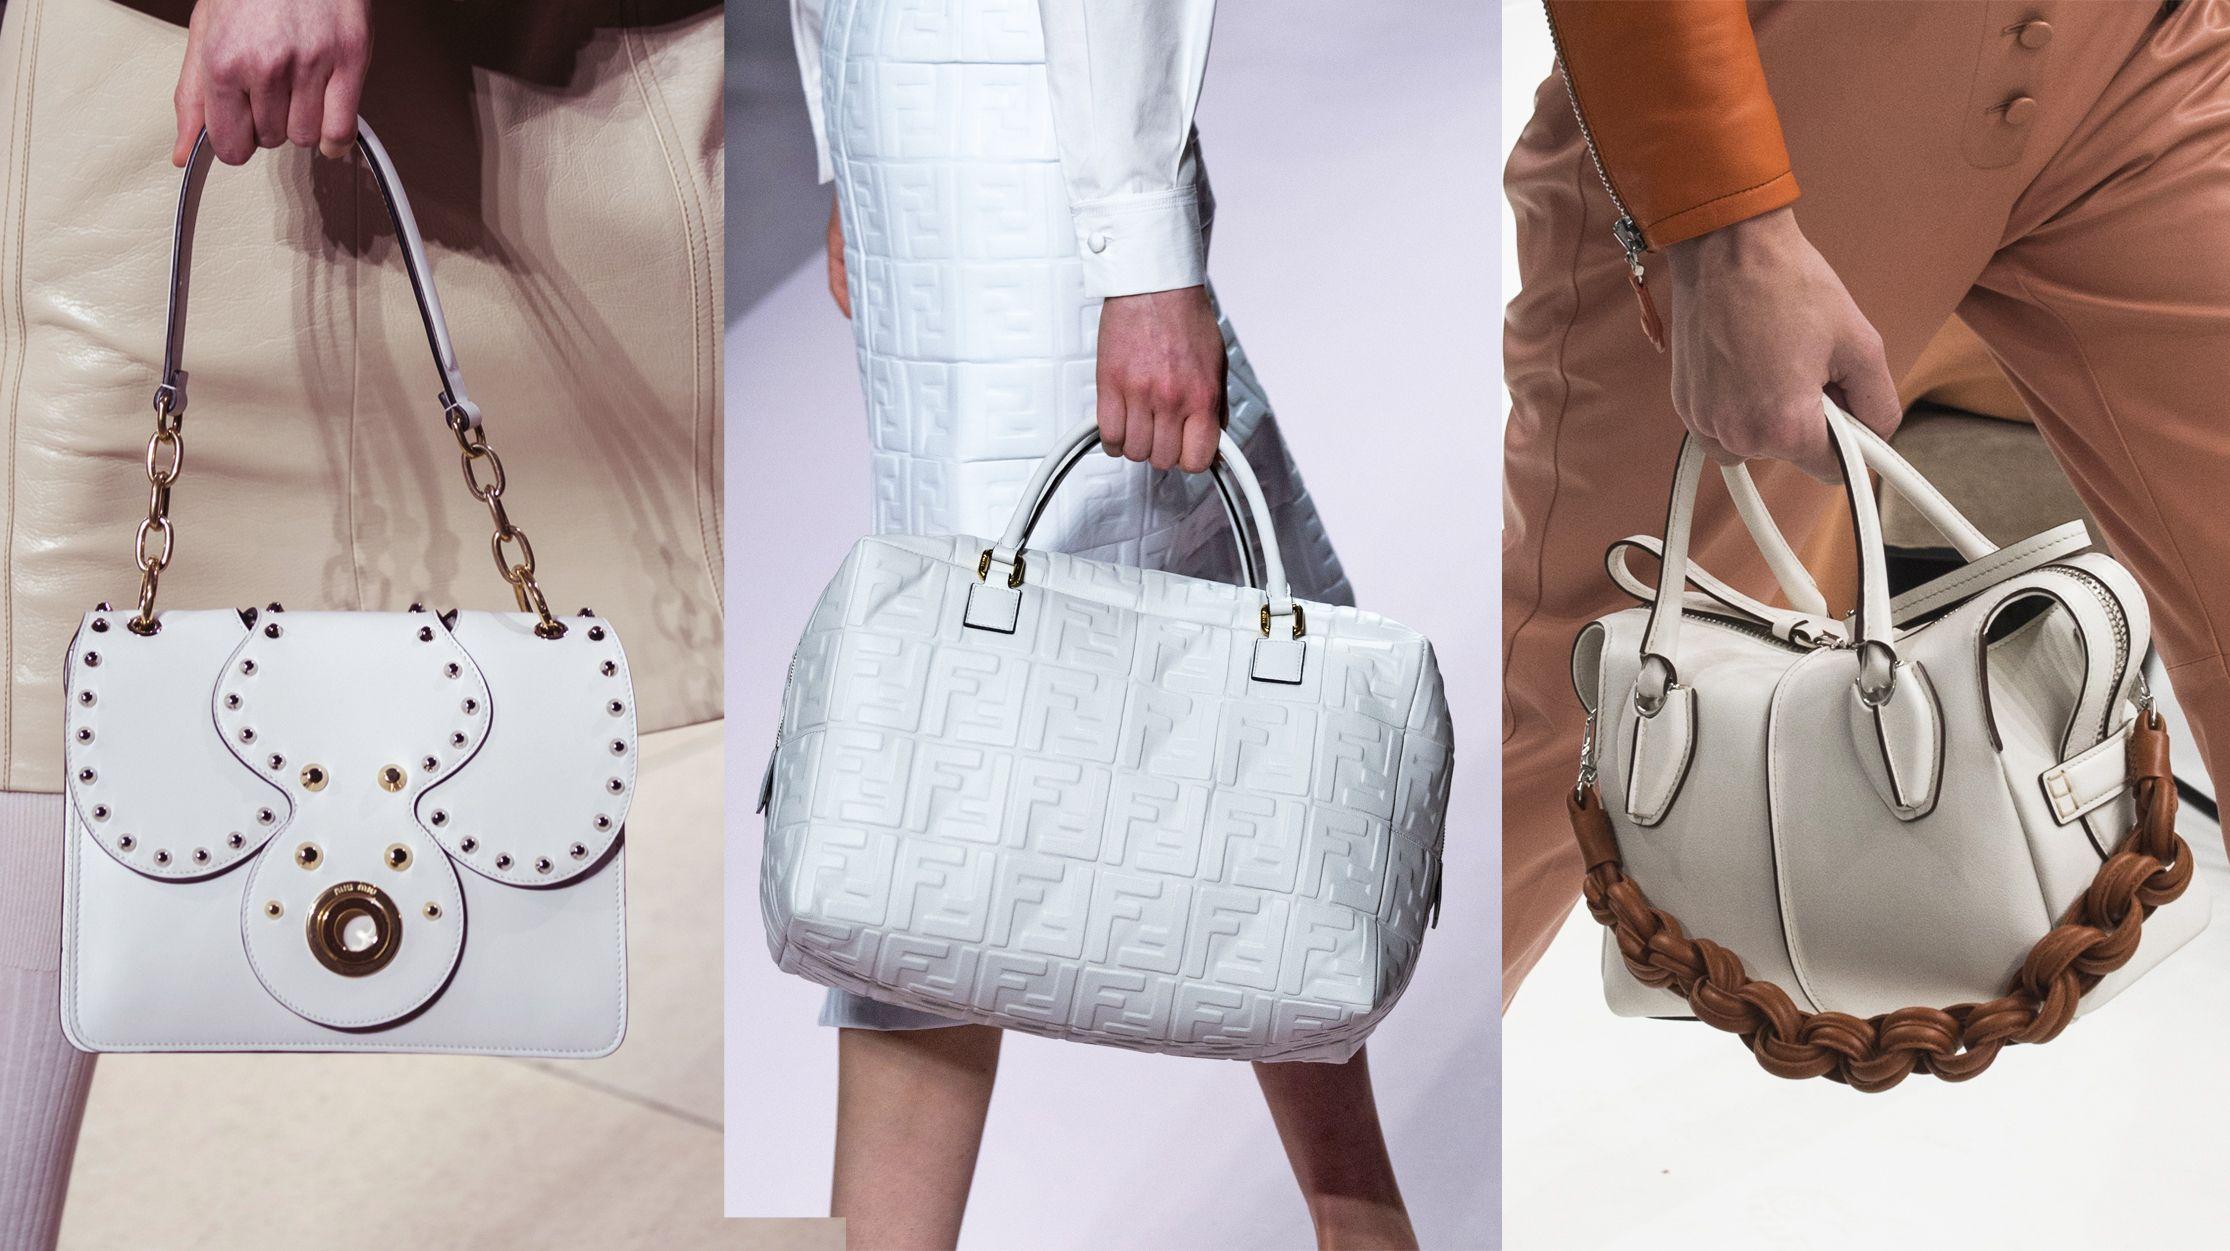 Le borse primavera estate 2019 che hanno sfilato durante il fashion month  hanno un u0027unica ... b2c53781721